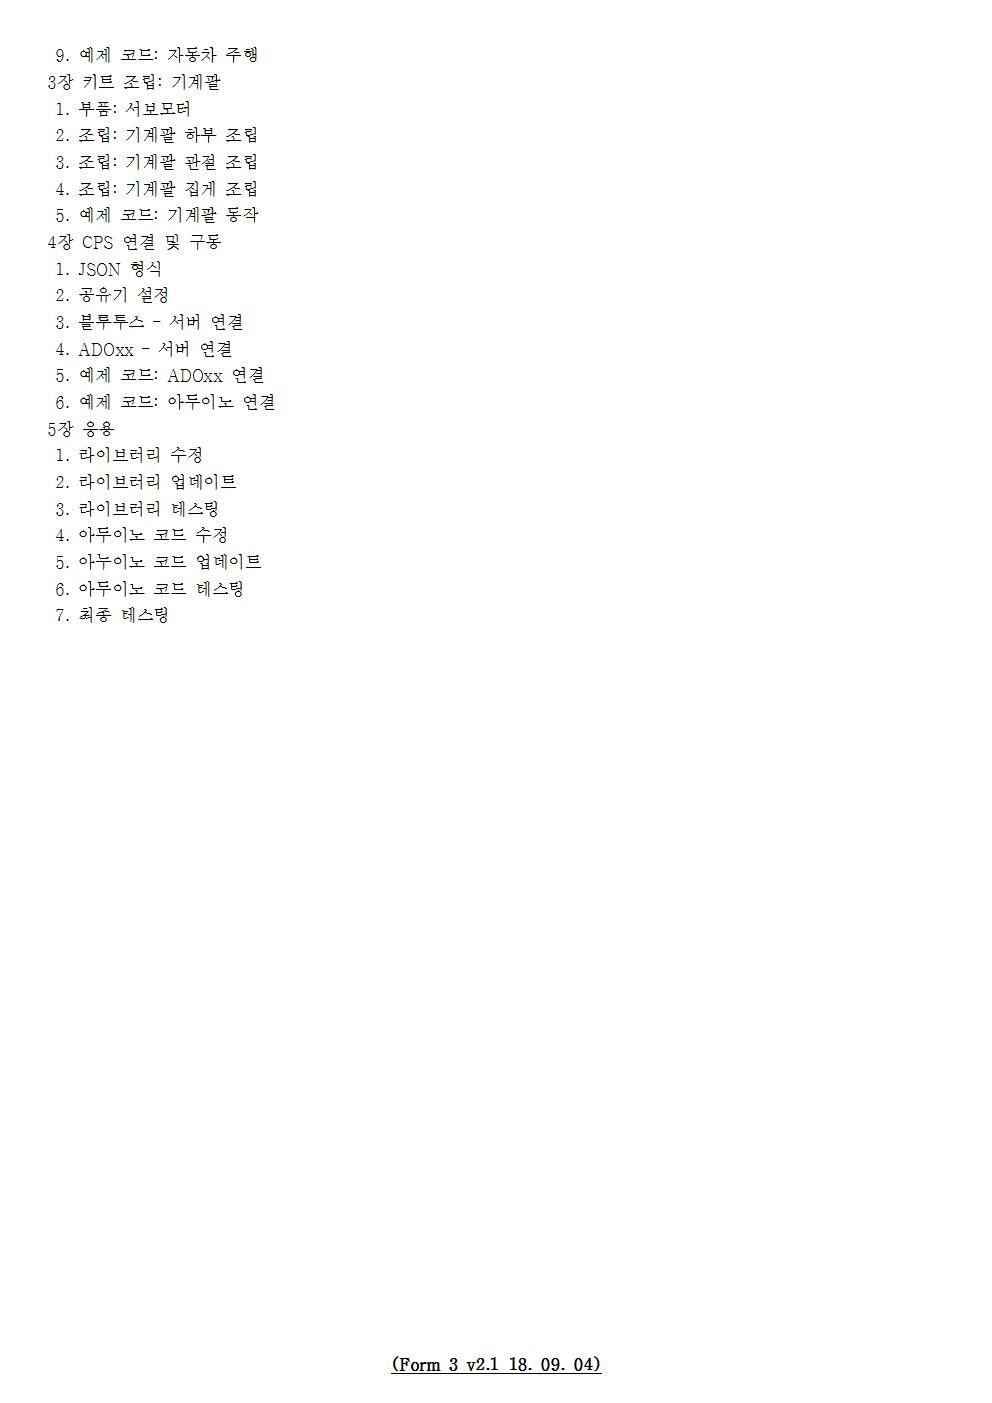 D-[19-015-PP-07]-[CPS book]-[2019-02-15][SH]003.jpg